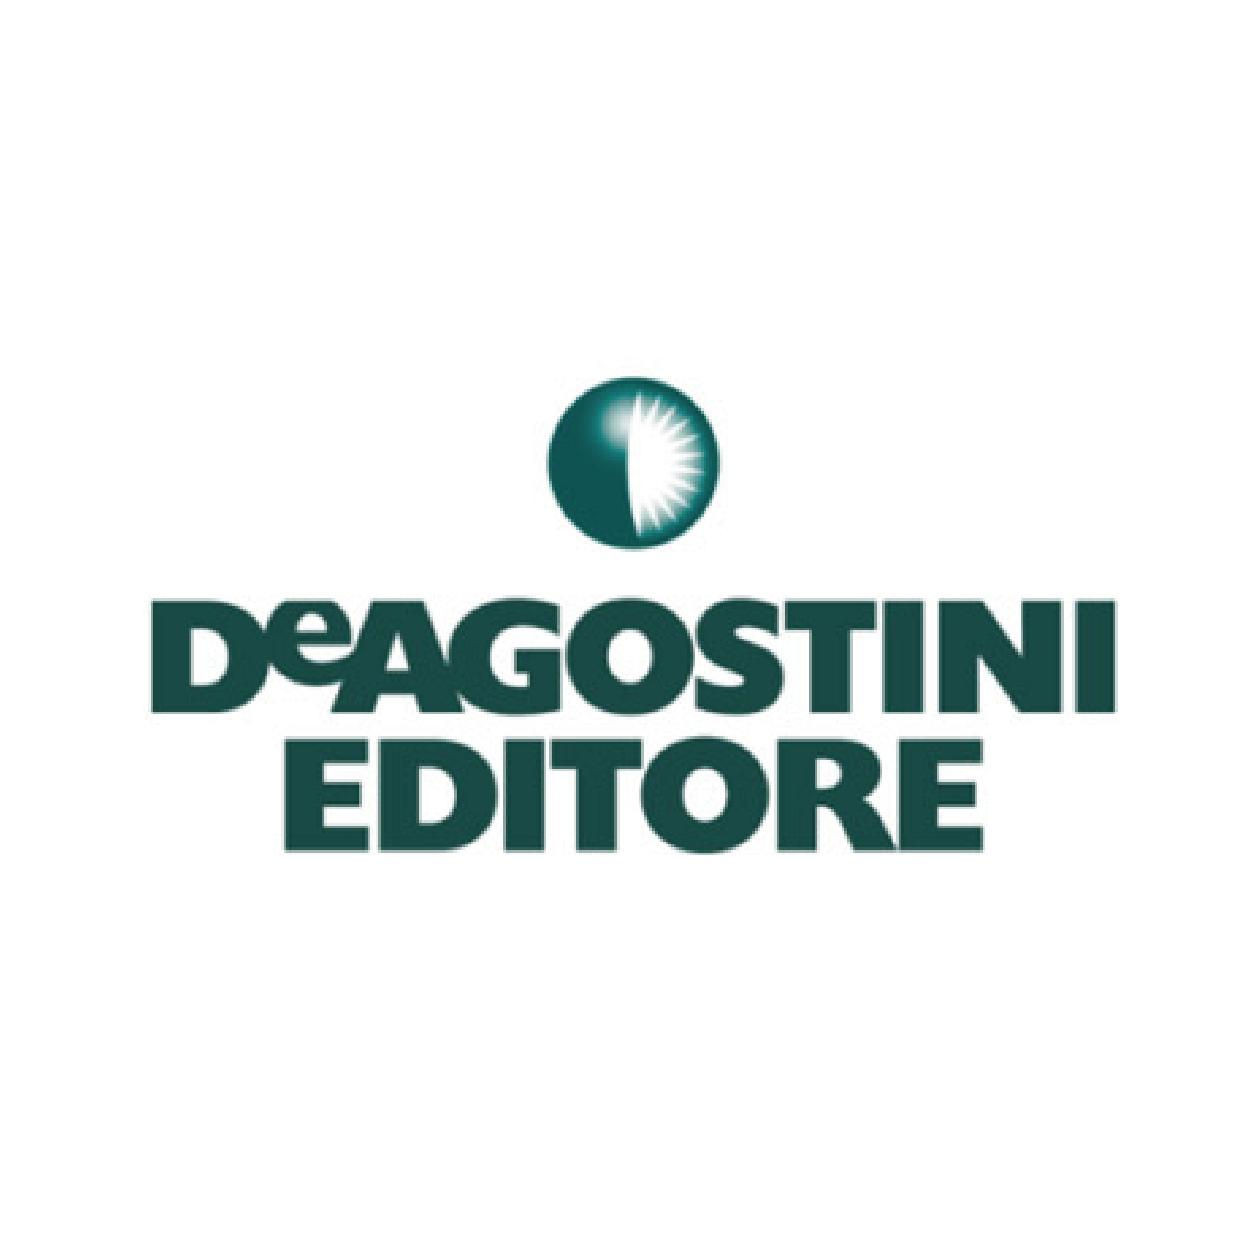 De Agostini Editore S.p.A.